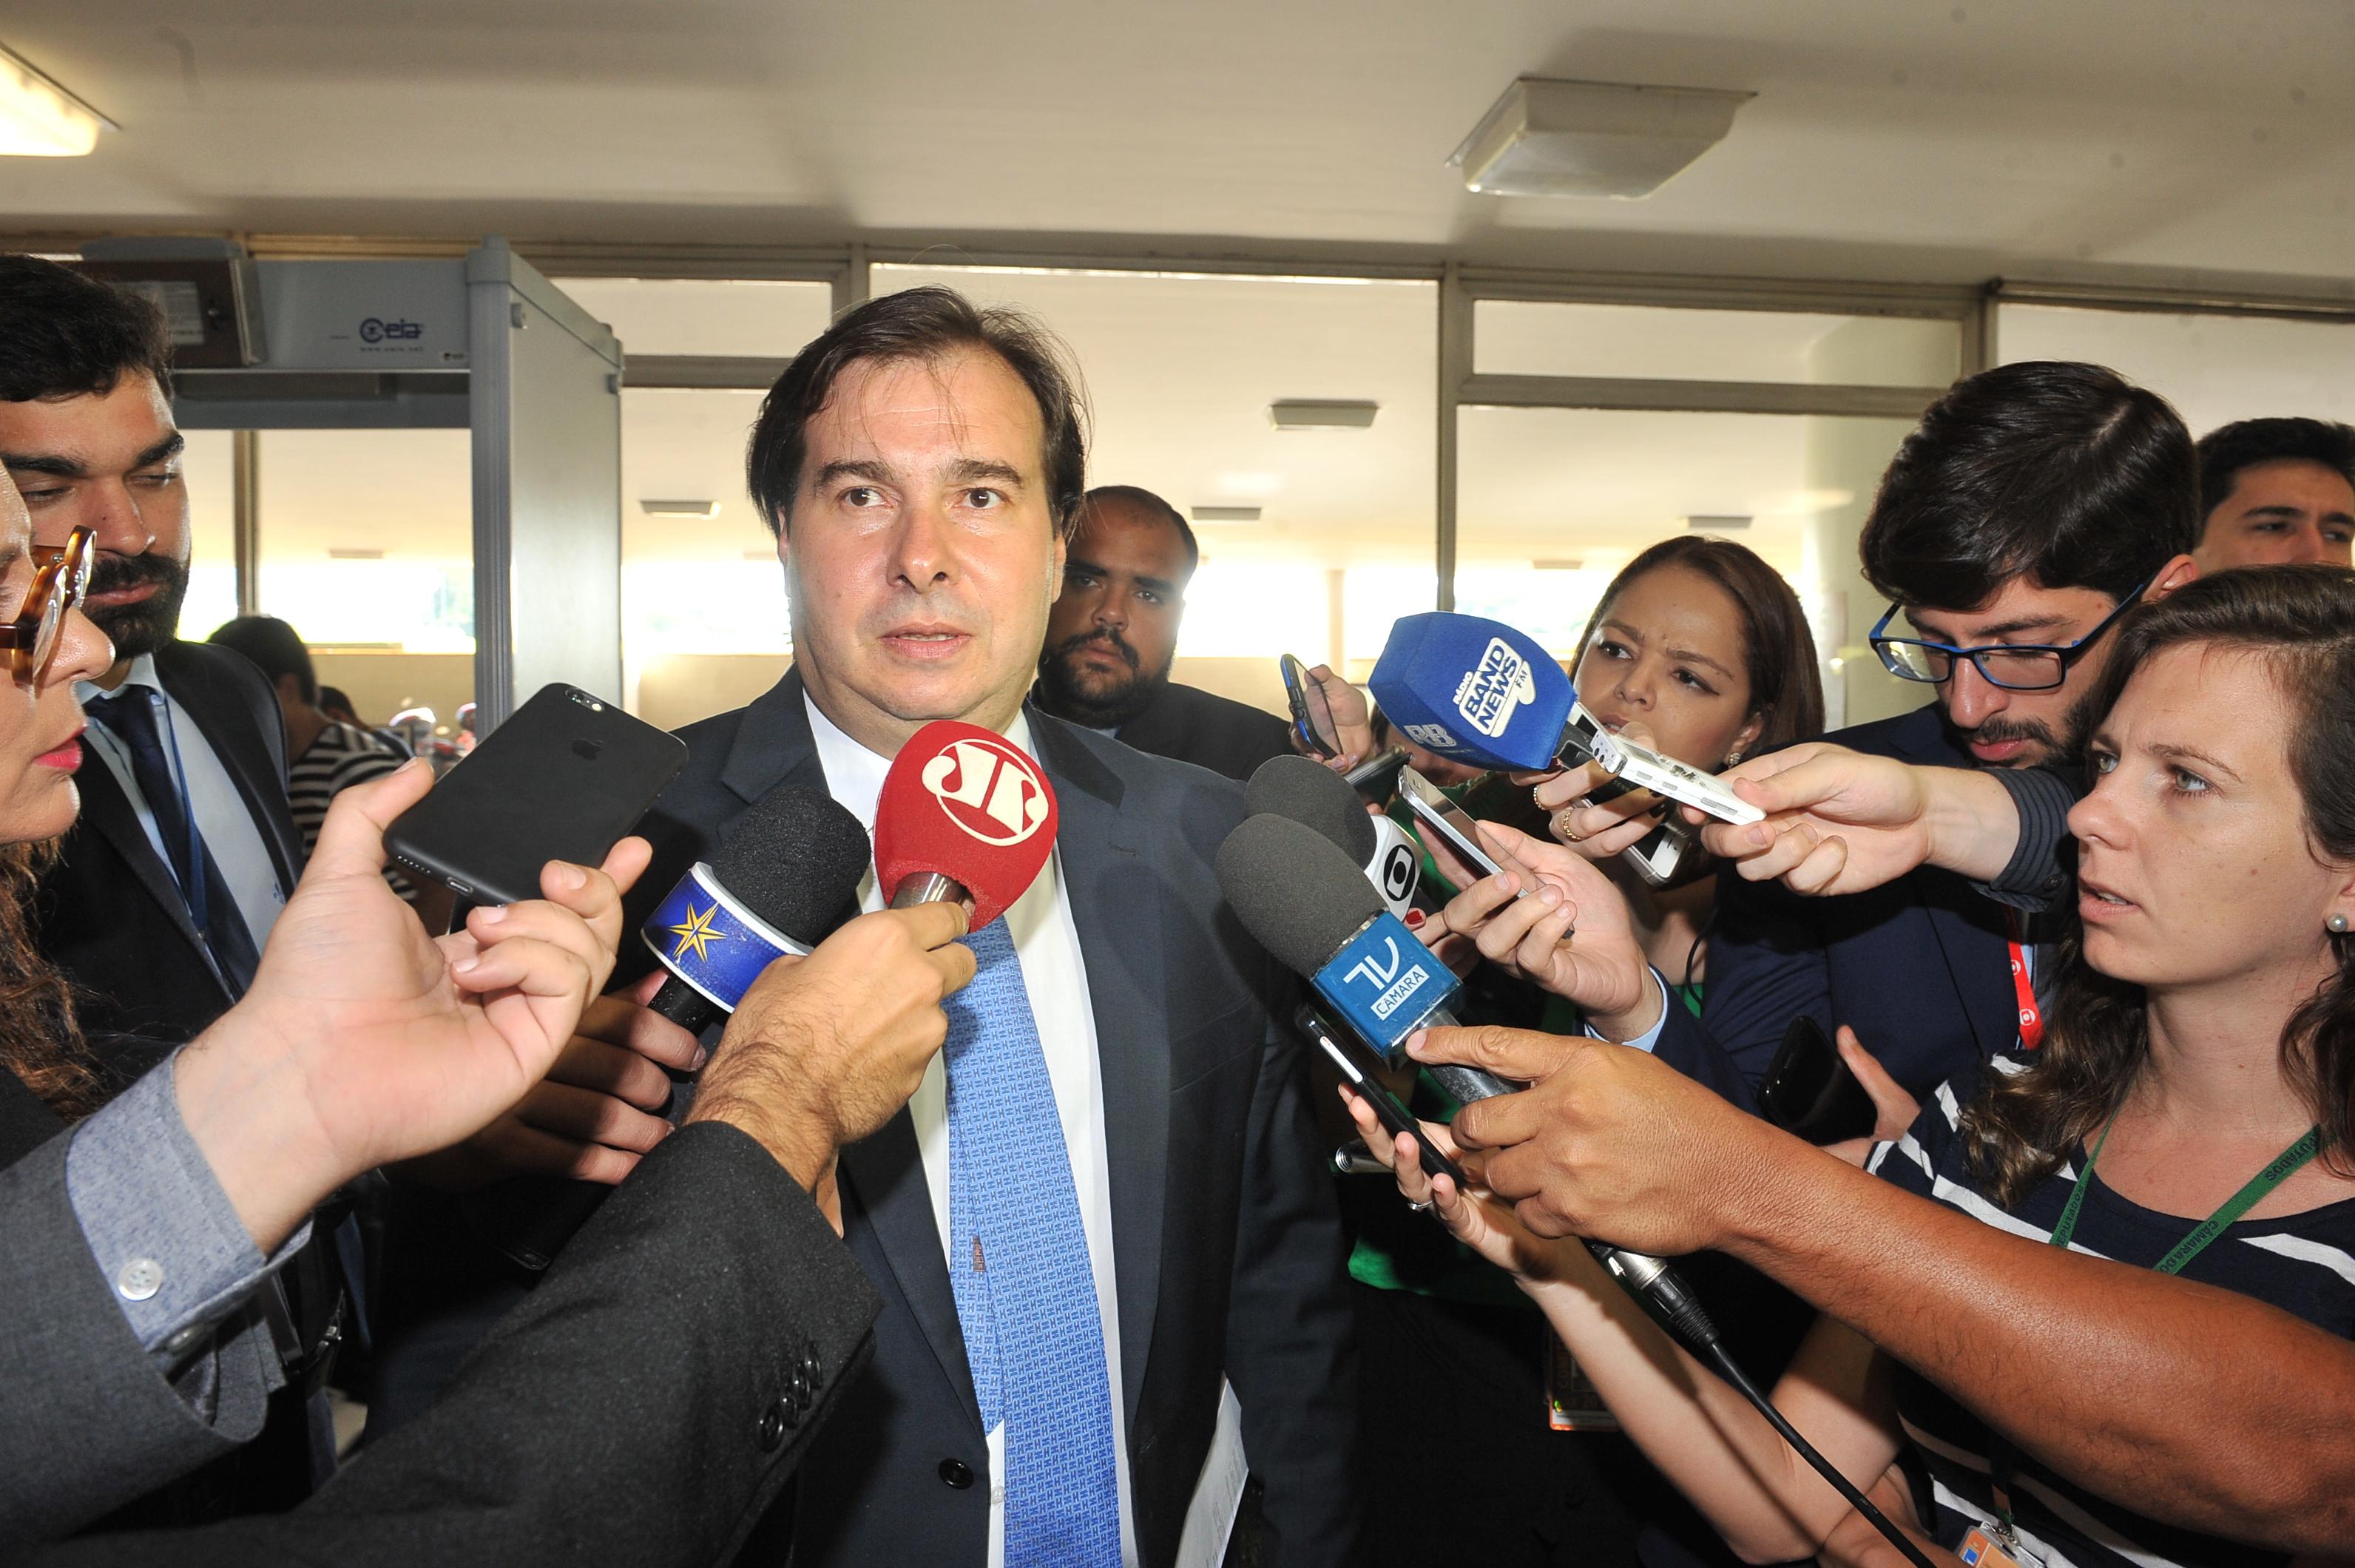 Presidente da Câmara dos Deputados Rodrigo Maia concede entrevista.